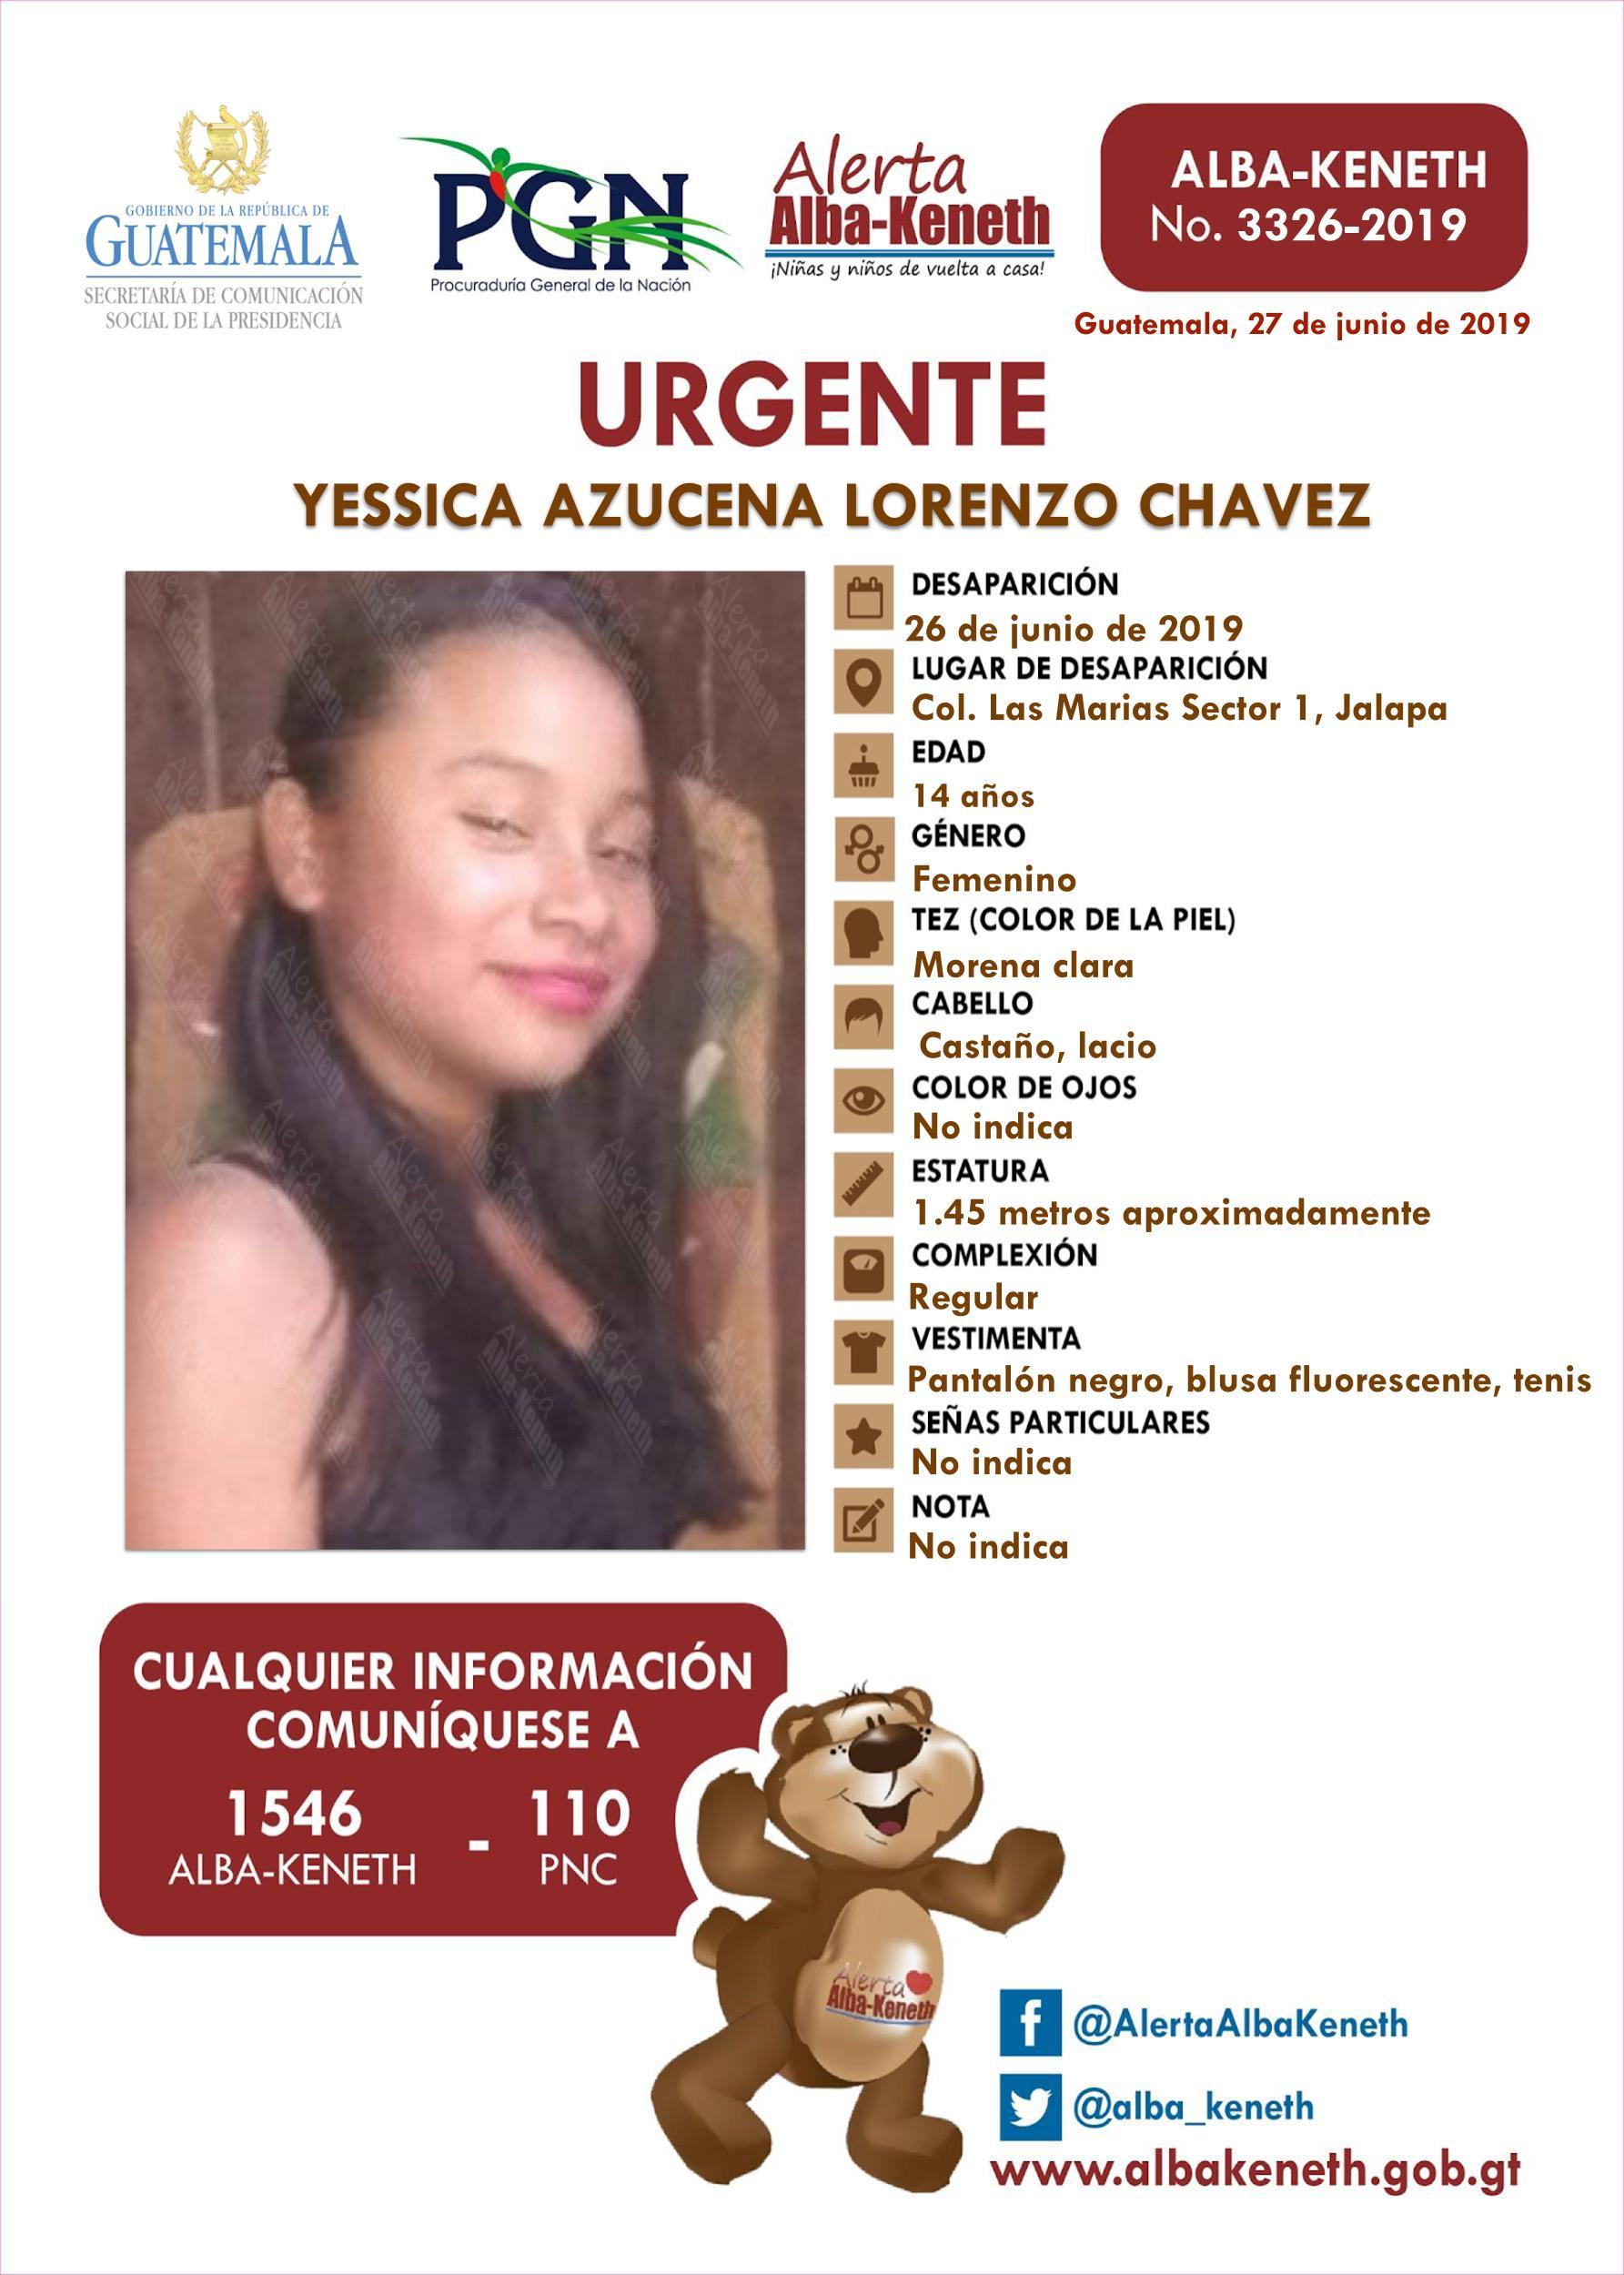 Yessica Azucena Lorenzo Chavez